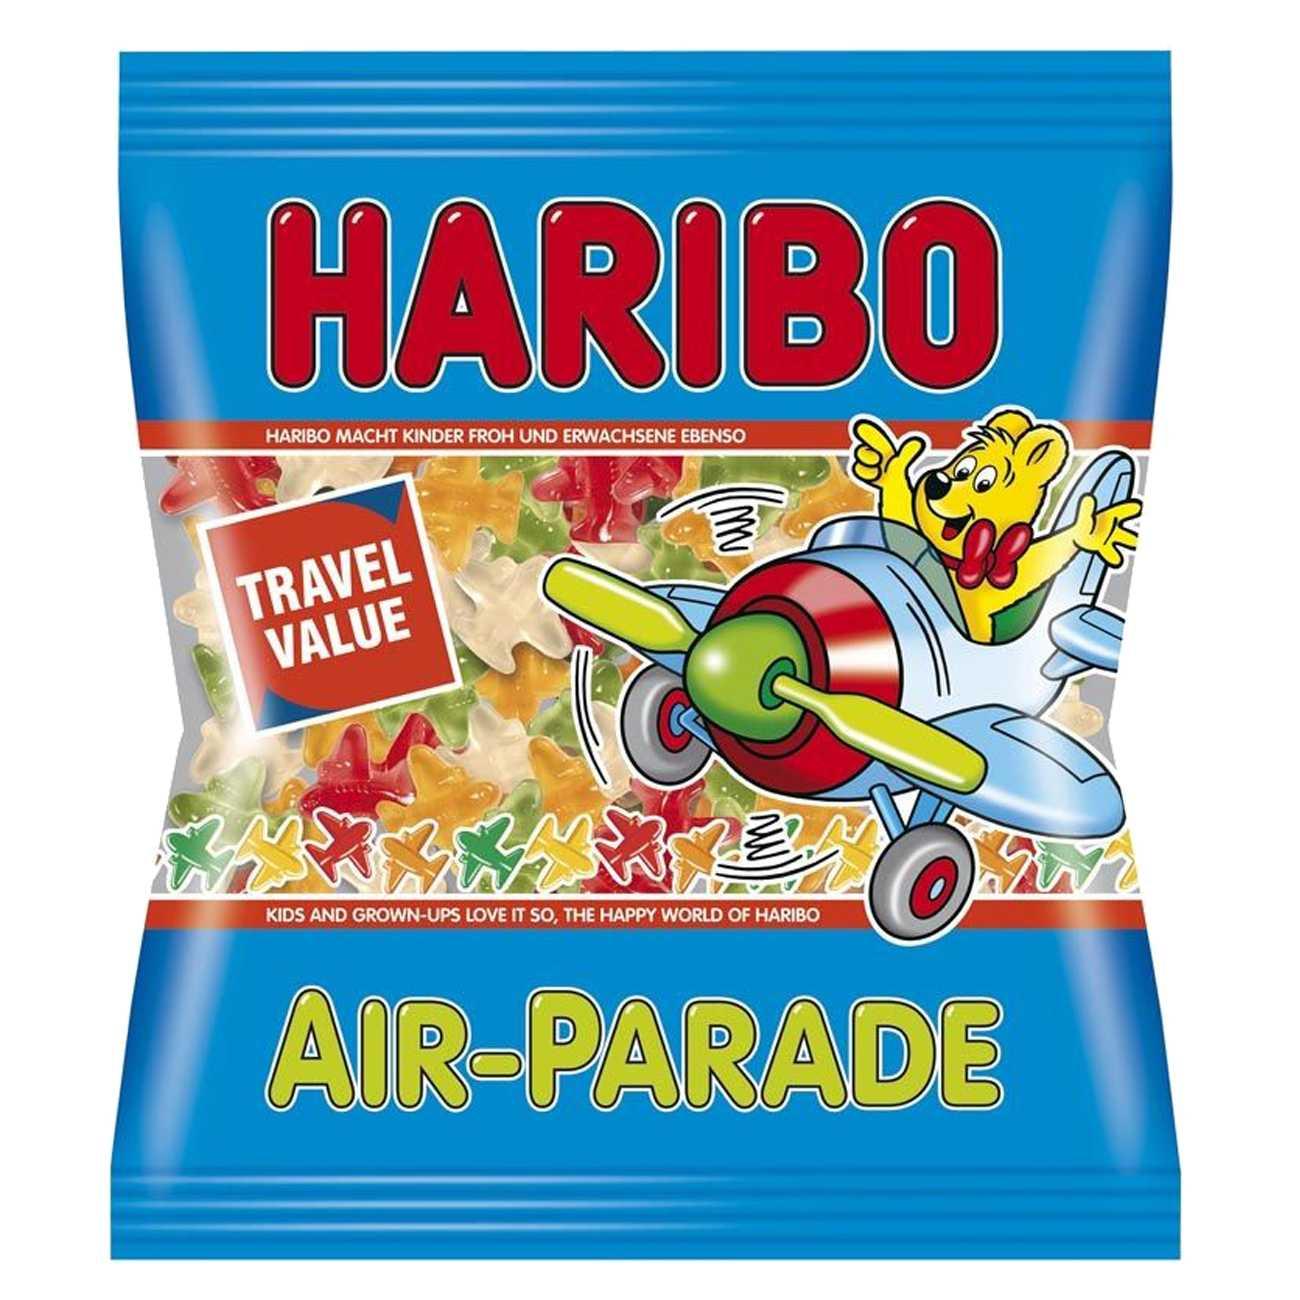 AIR PARADE 500 G